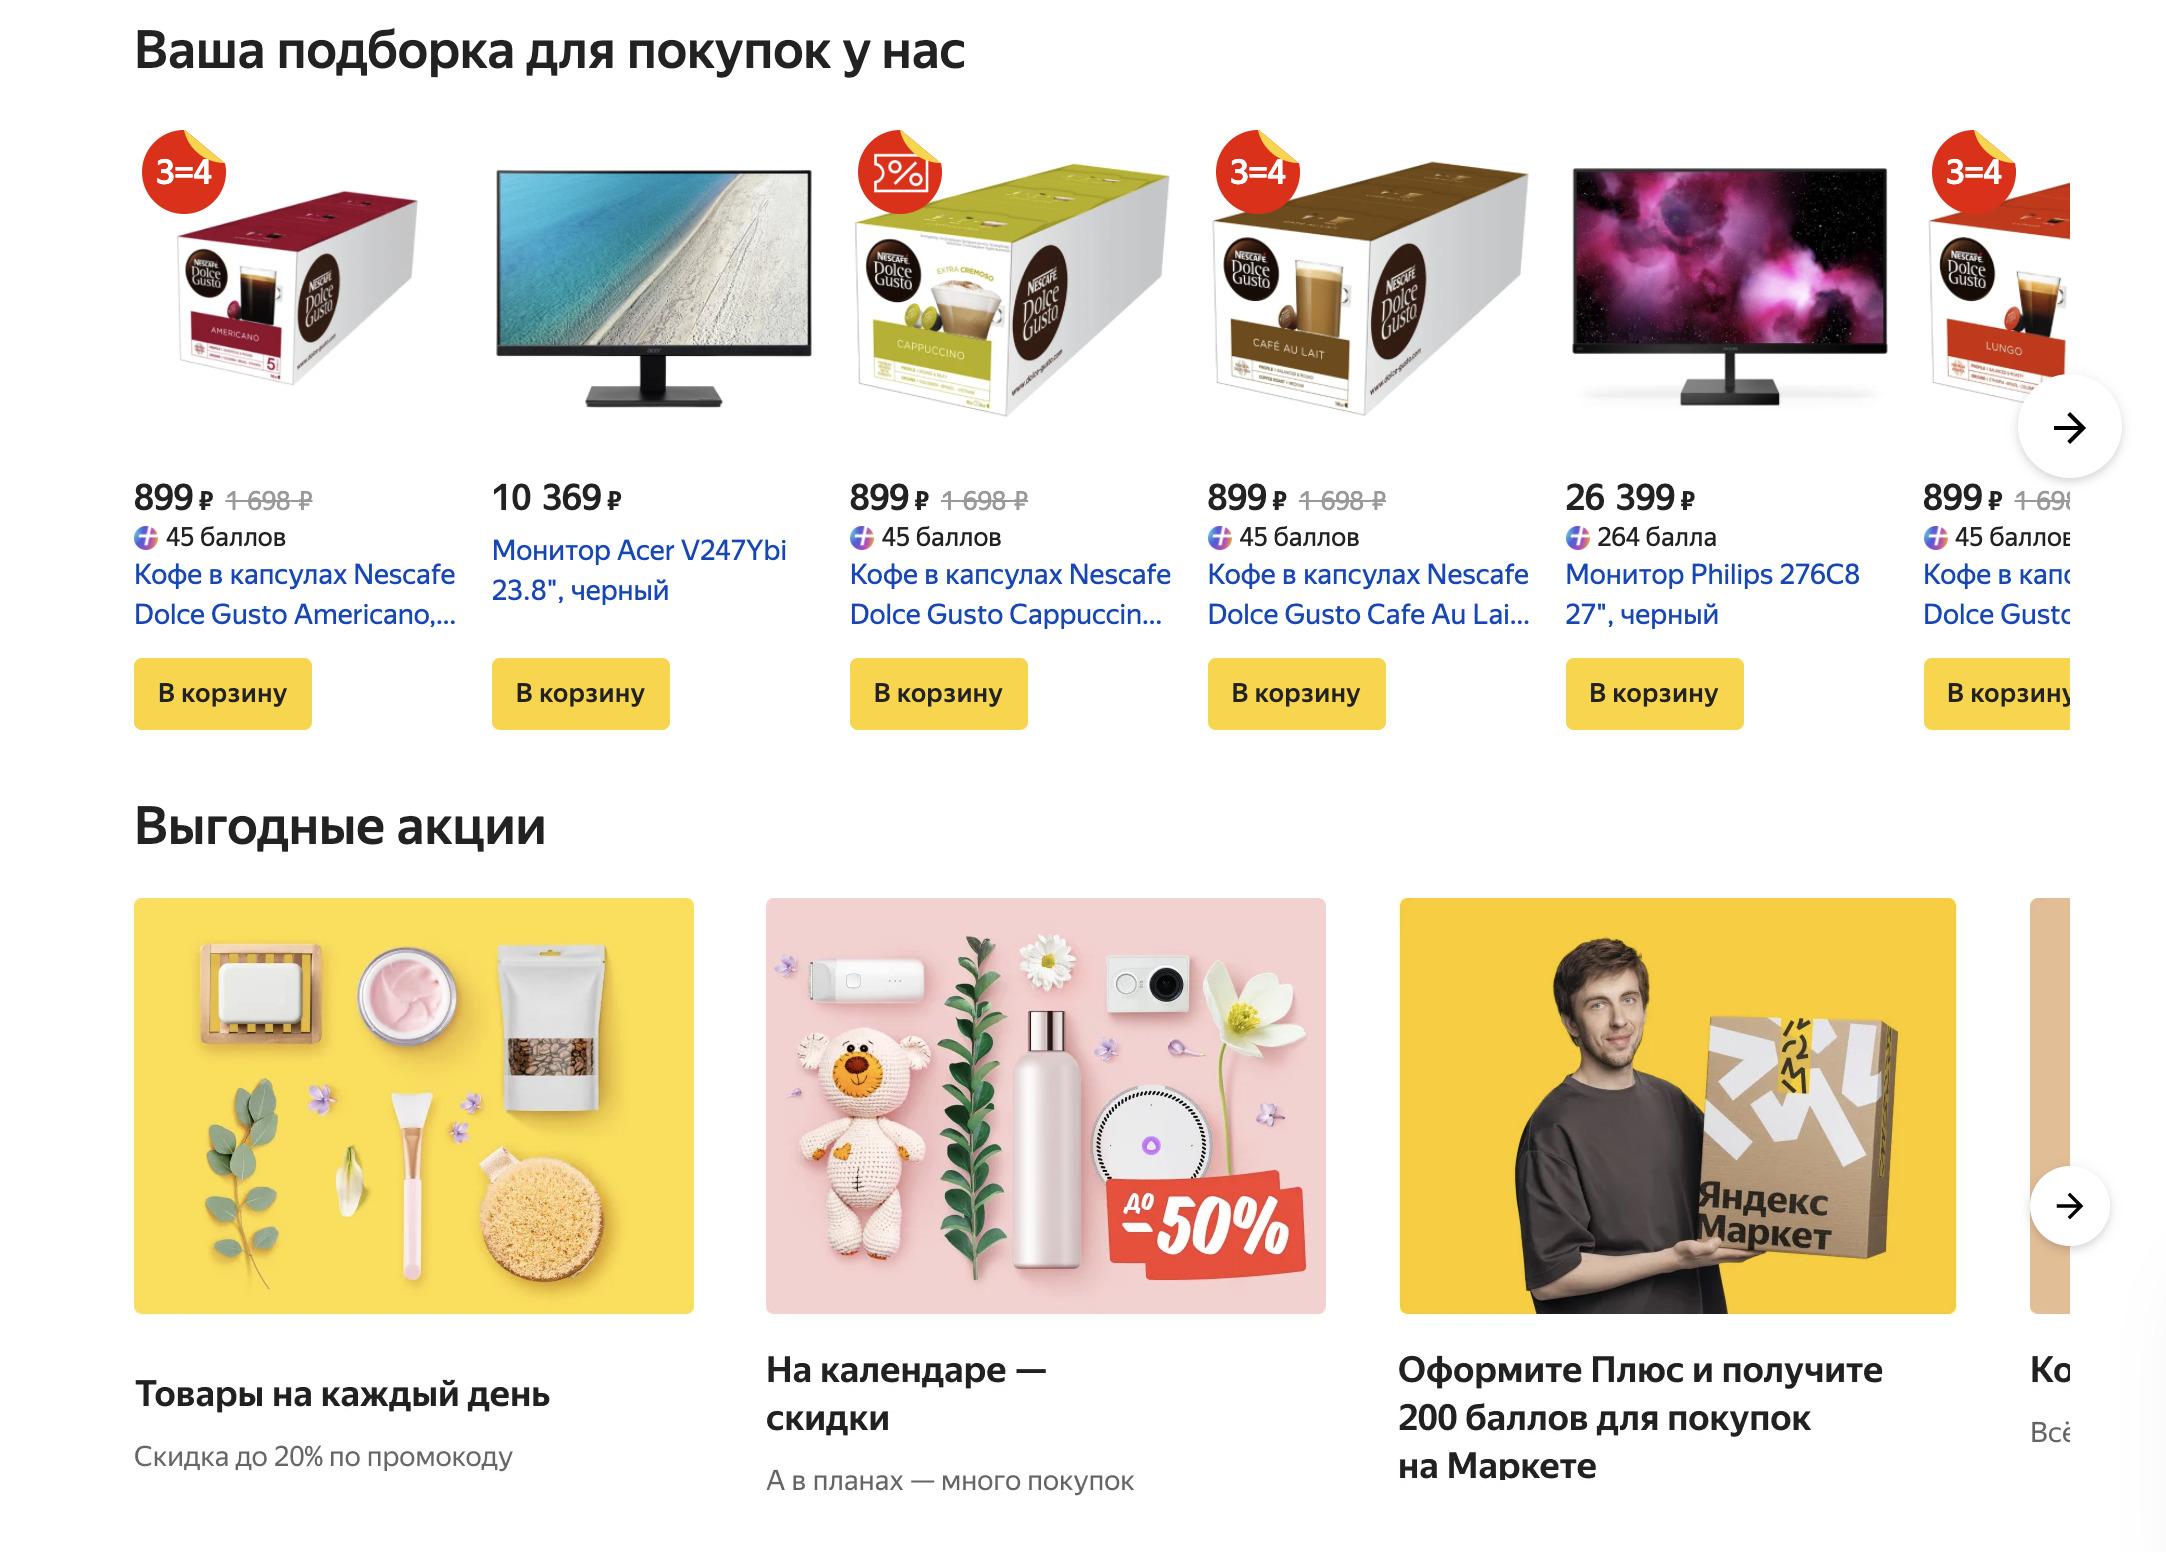 Доставка из Яндекс.Маркет в Волжский, сроки, пункты выдачи, каталог